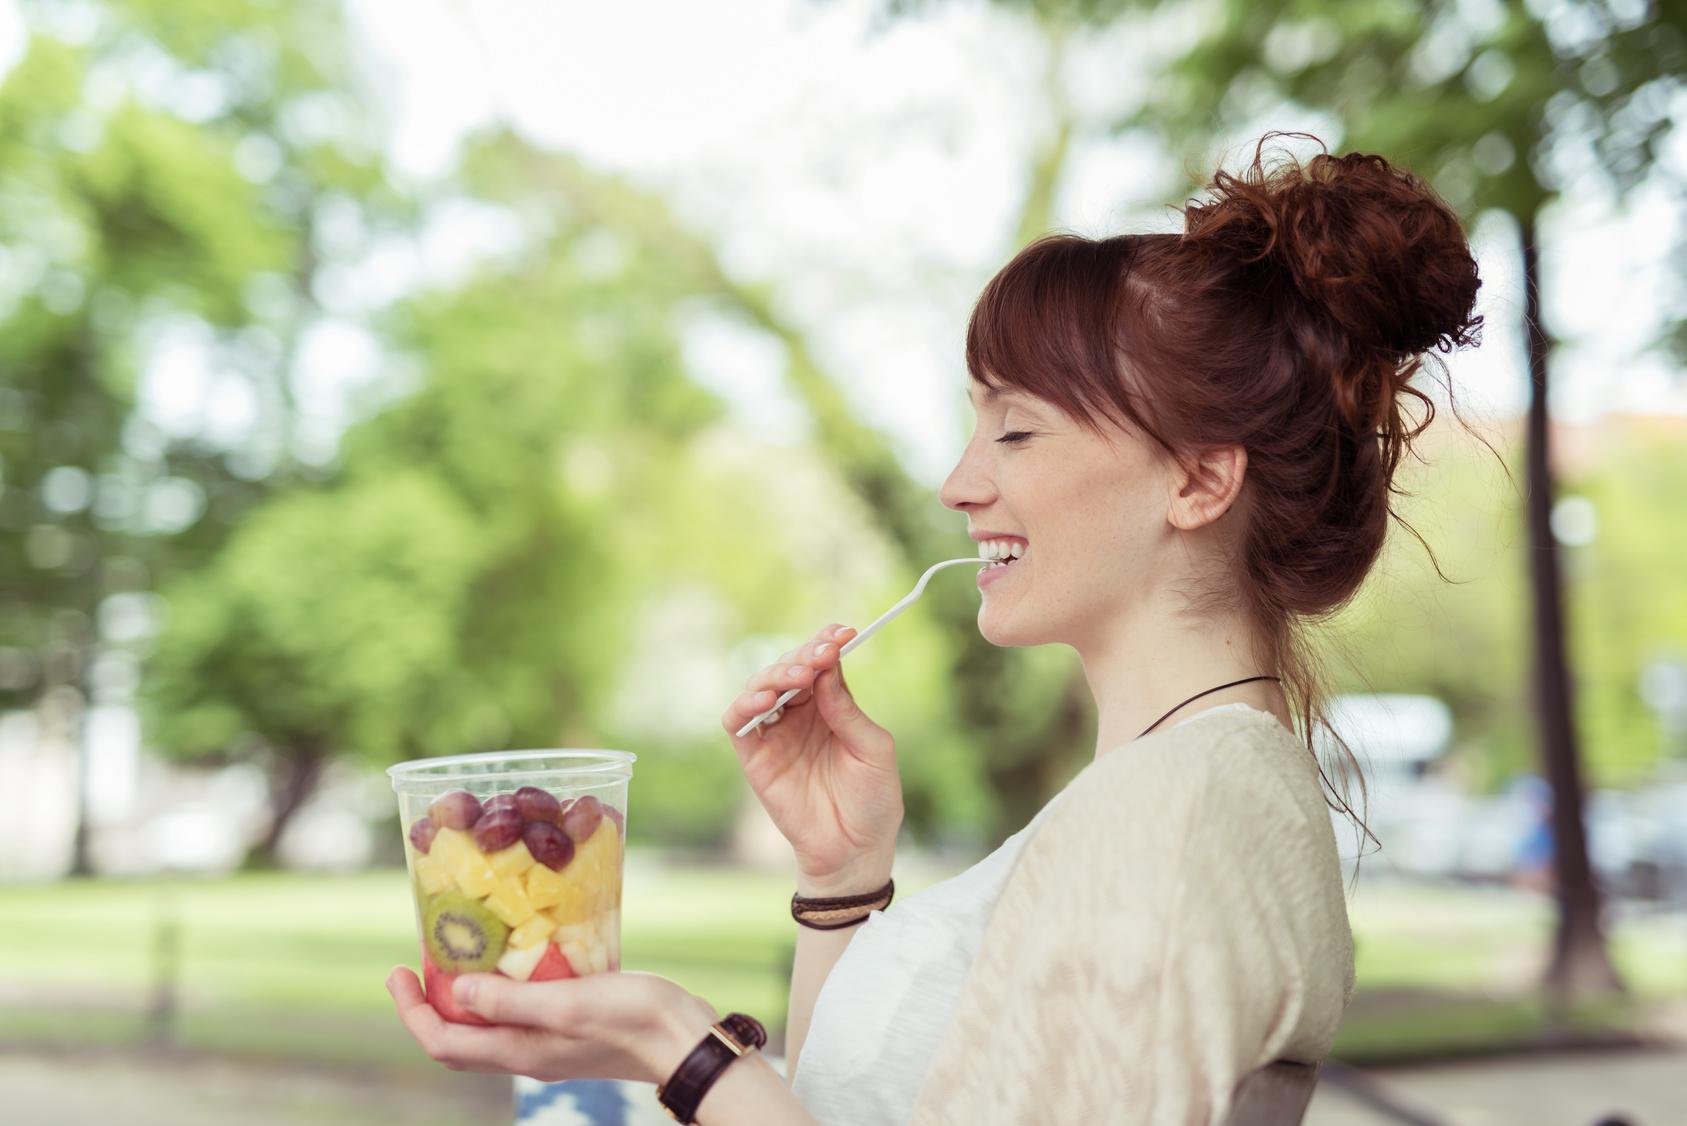 Pratos com frutas